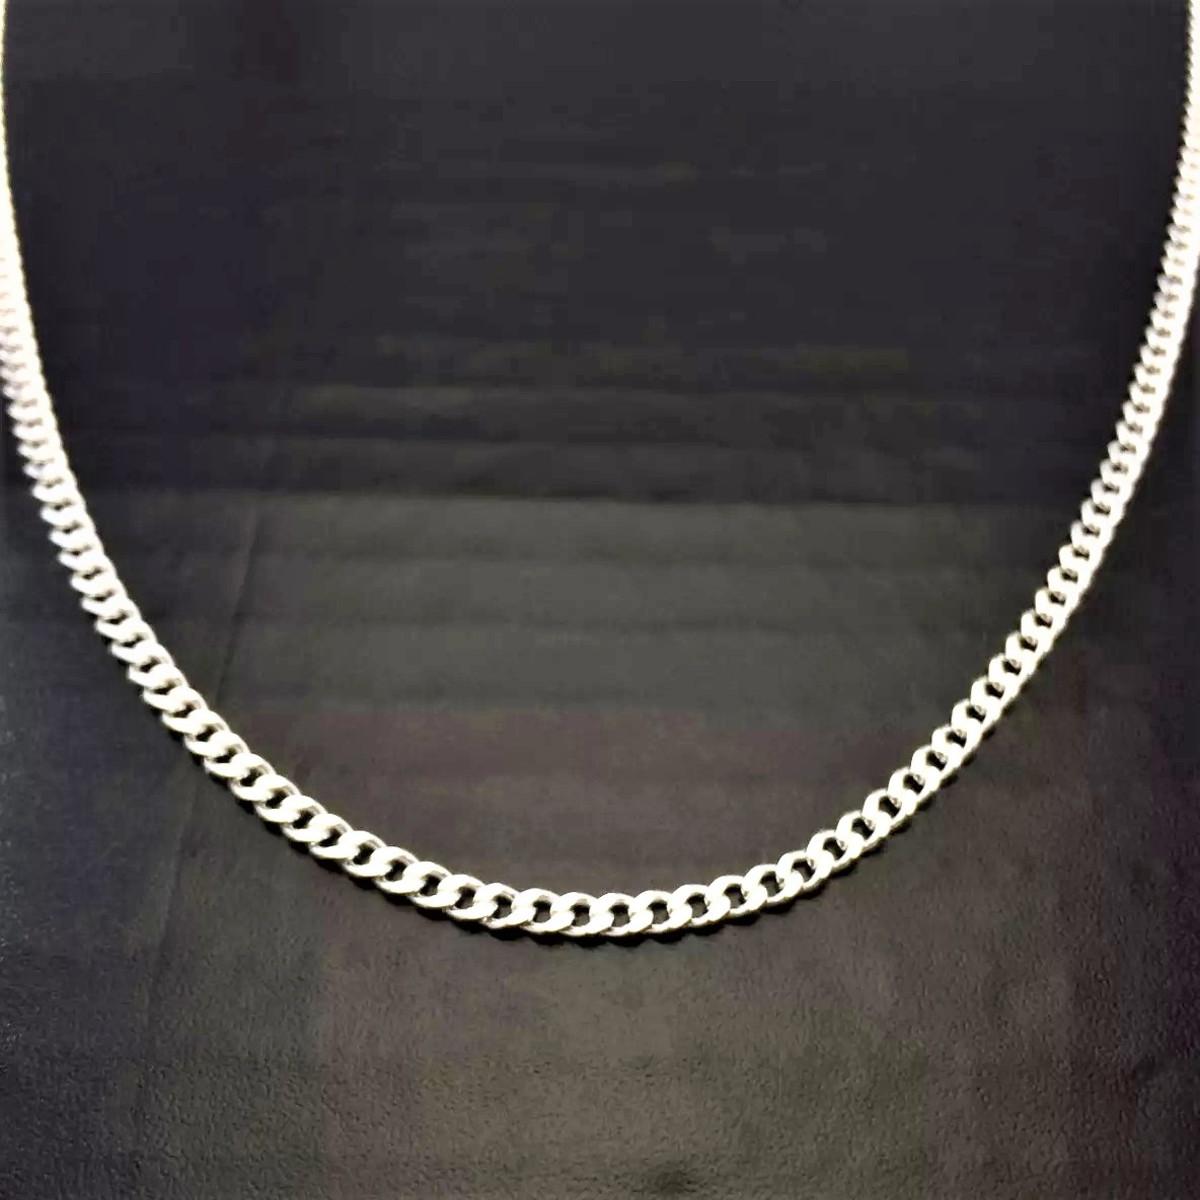 4a05be3968 Corrente Cordão Italiana Masculina Grumet 60cm 3mm Prata 925 no Elo7 ...